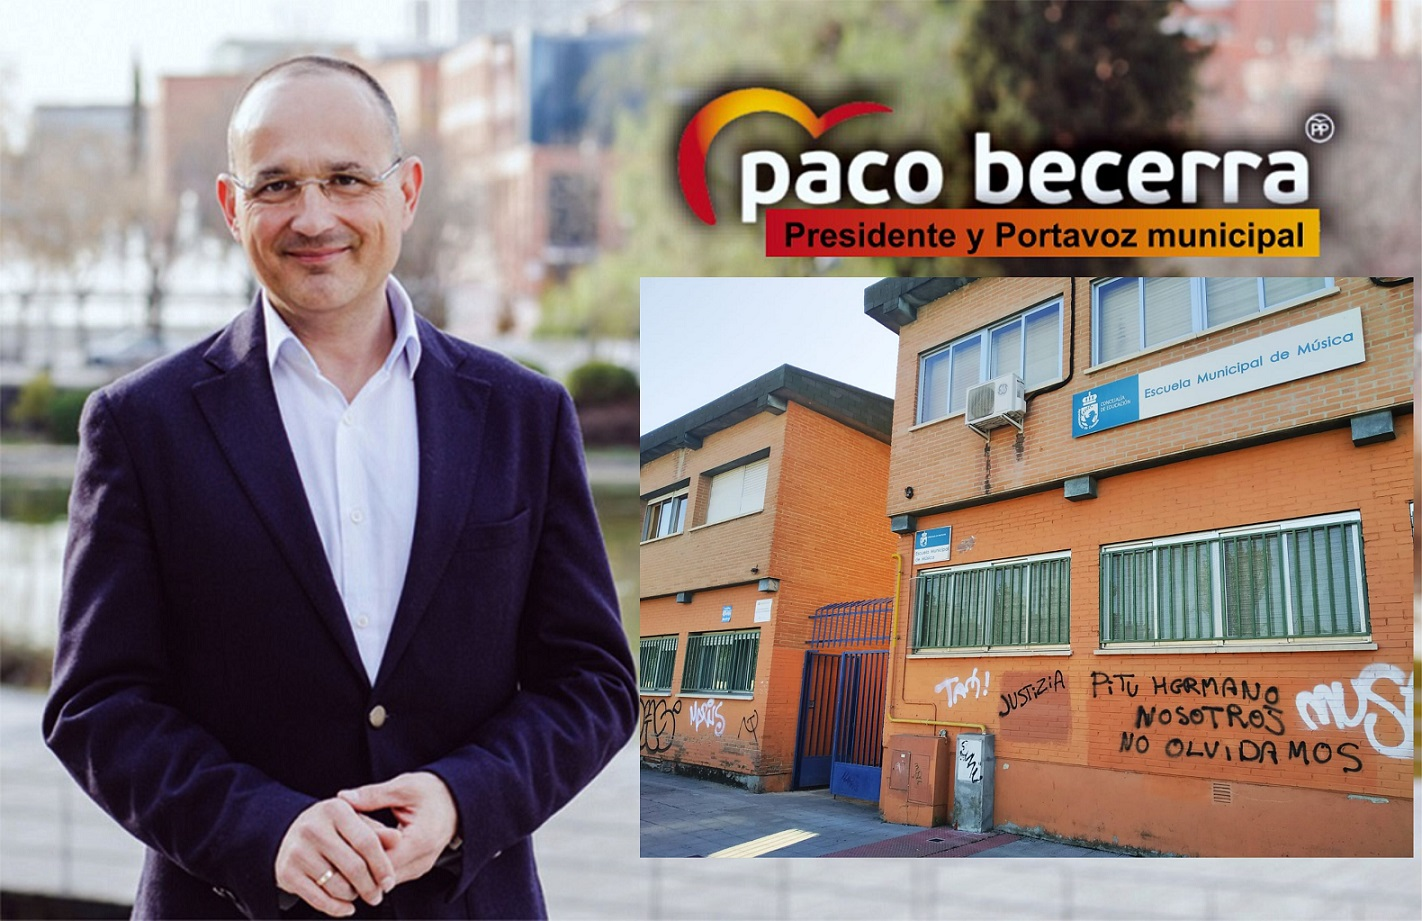 El PP de Coslada insta al gobierno municipal a solucionar el problema de los Graffitis en las fachadas de los edificios públicos.